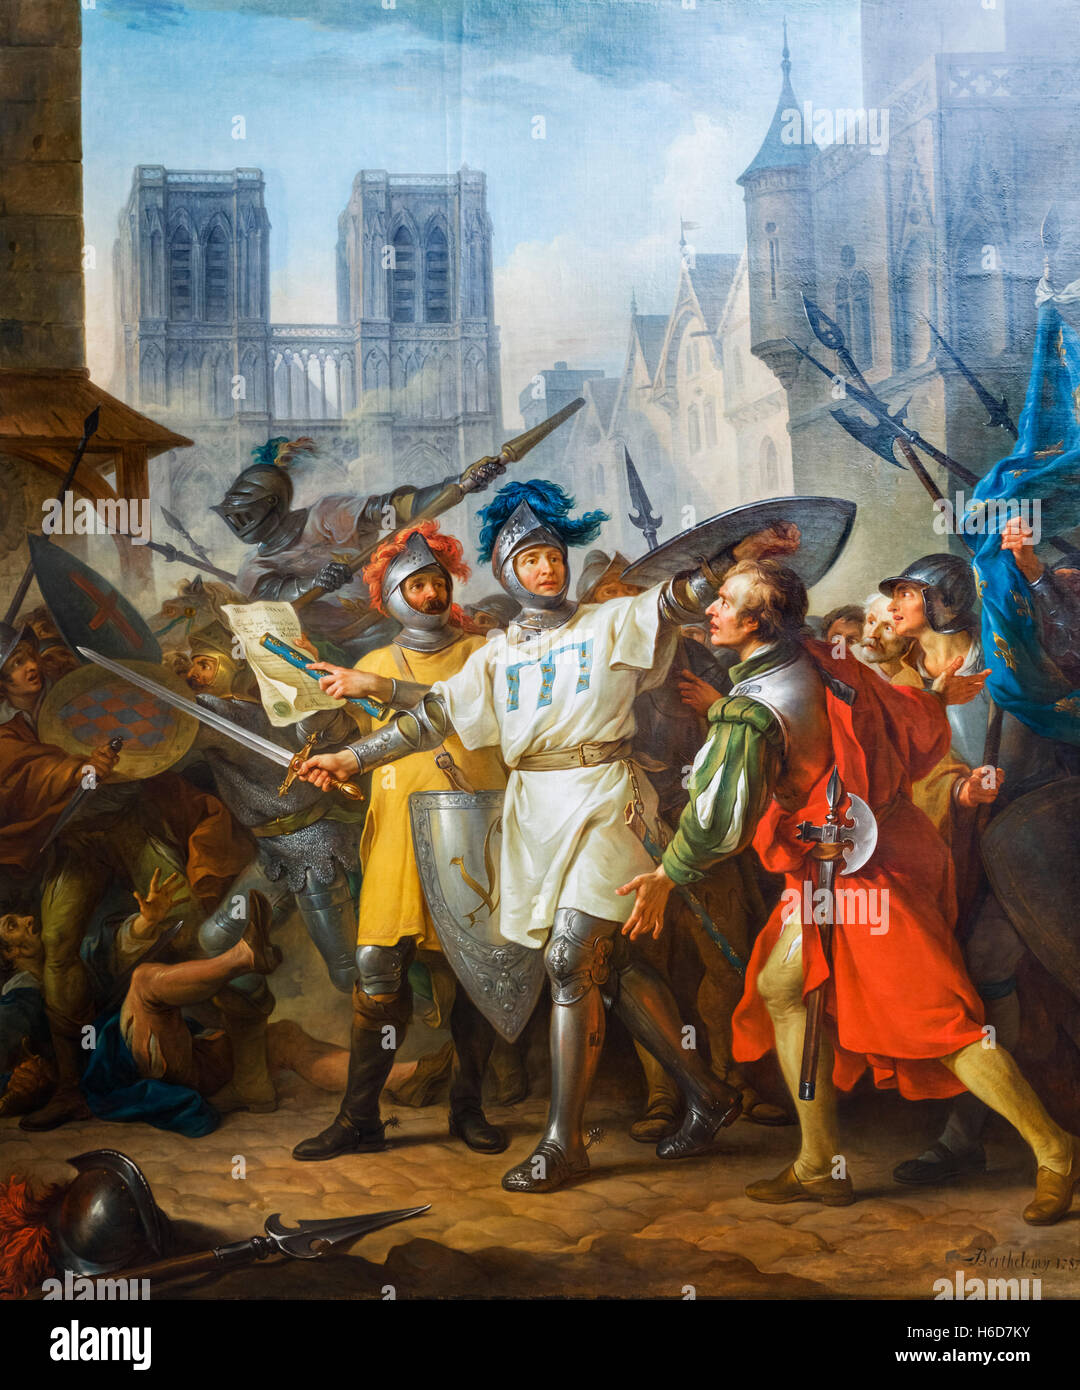 The Retaking of Paris from the English (La Reprise de Paris sur les Anglais) by Jean-Simon Berthelemy, oil on canvas, - Stock Image